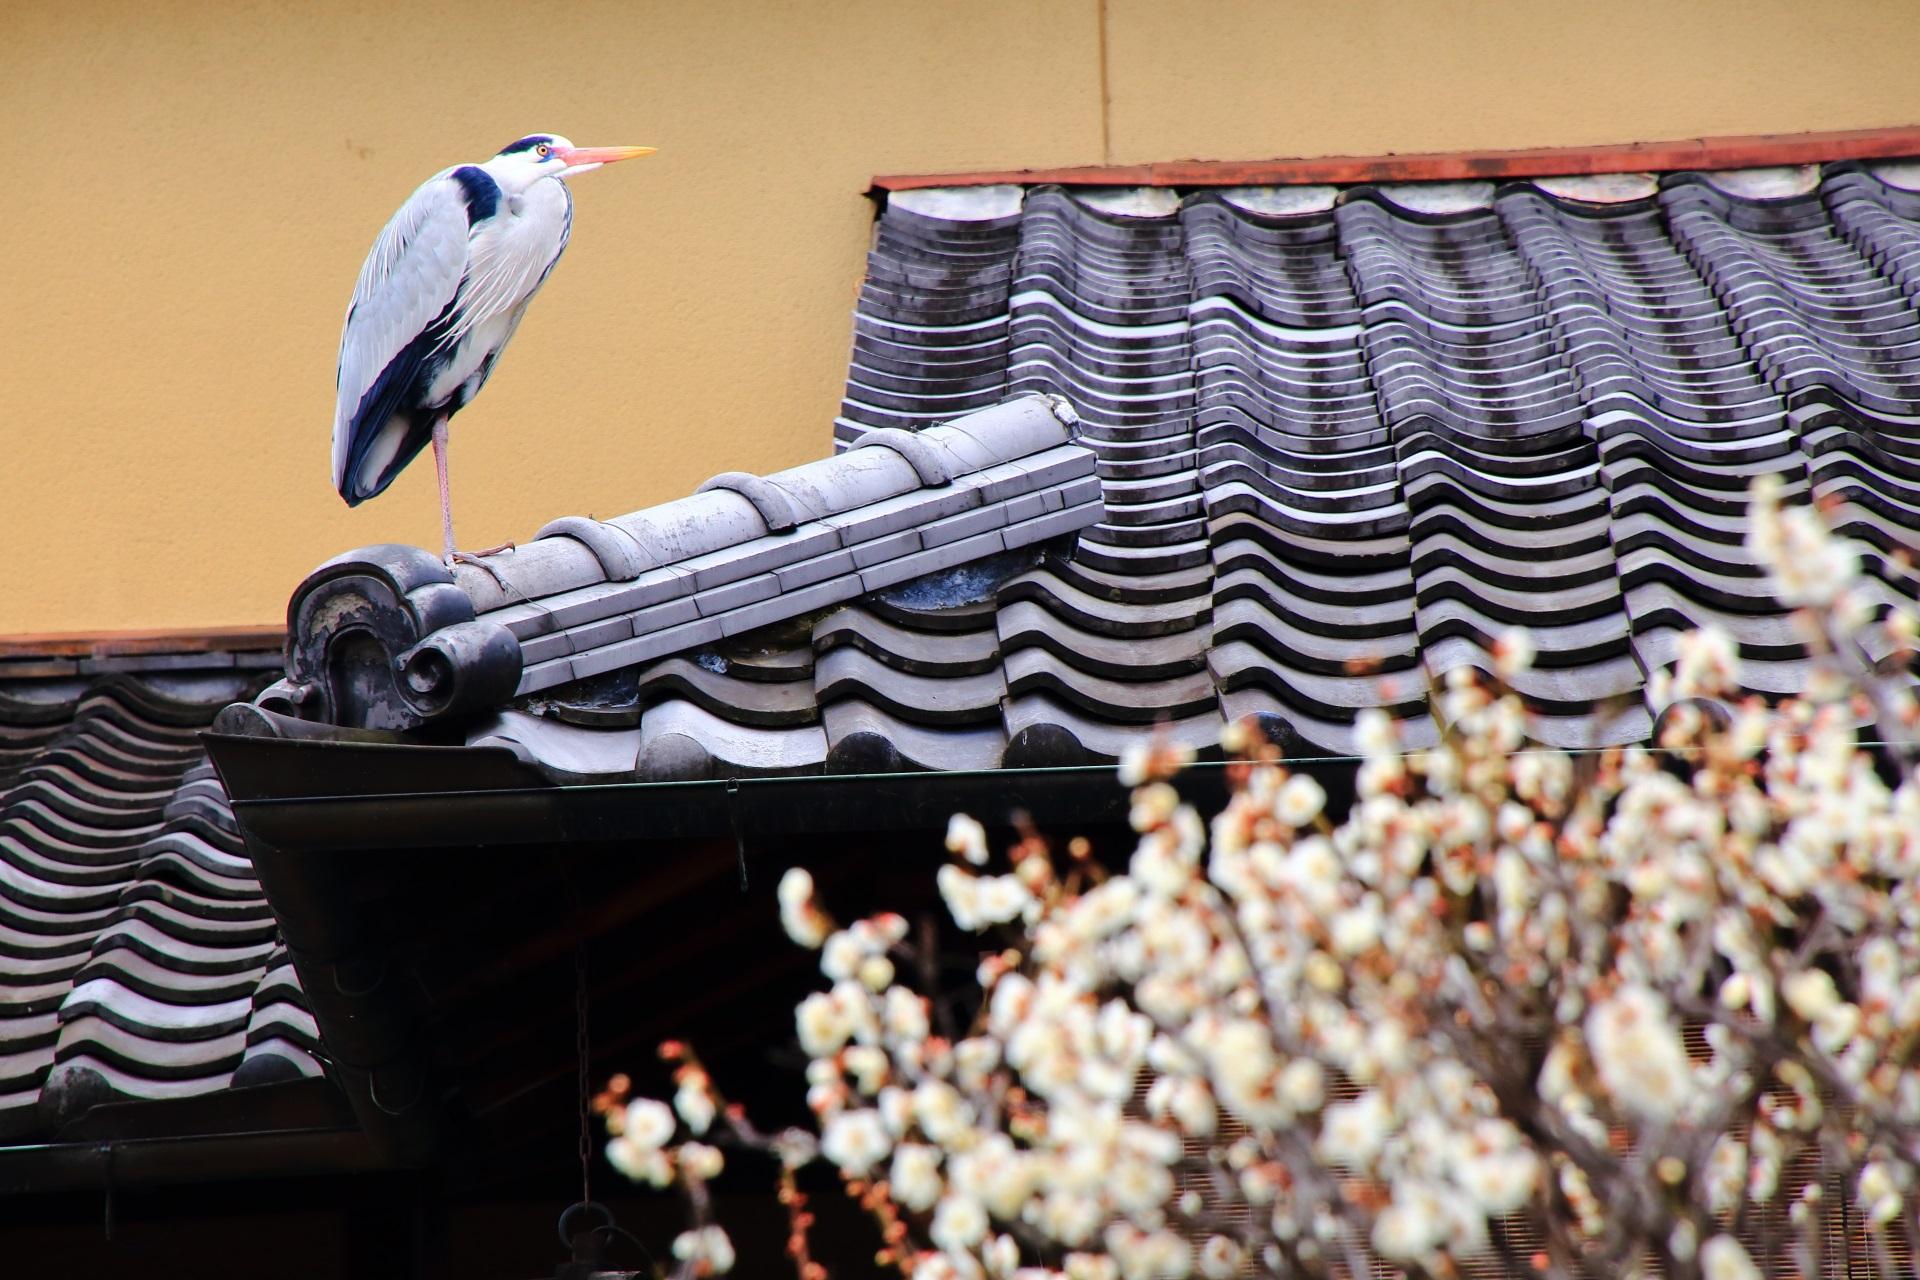 祇園白川の梅の花を眺める鷺